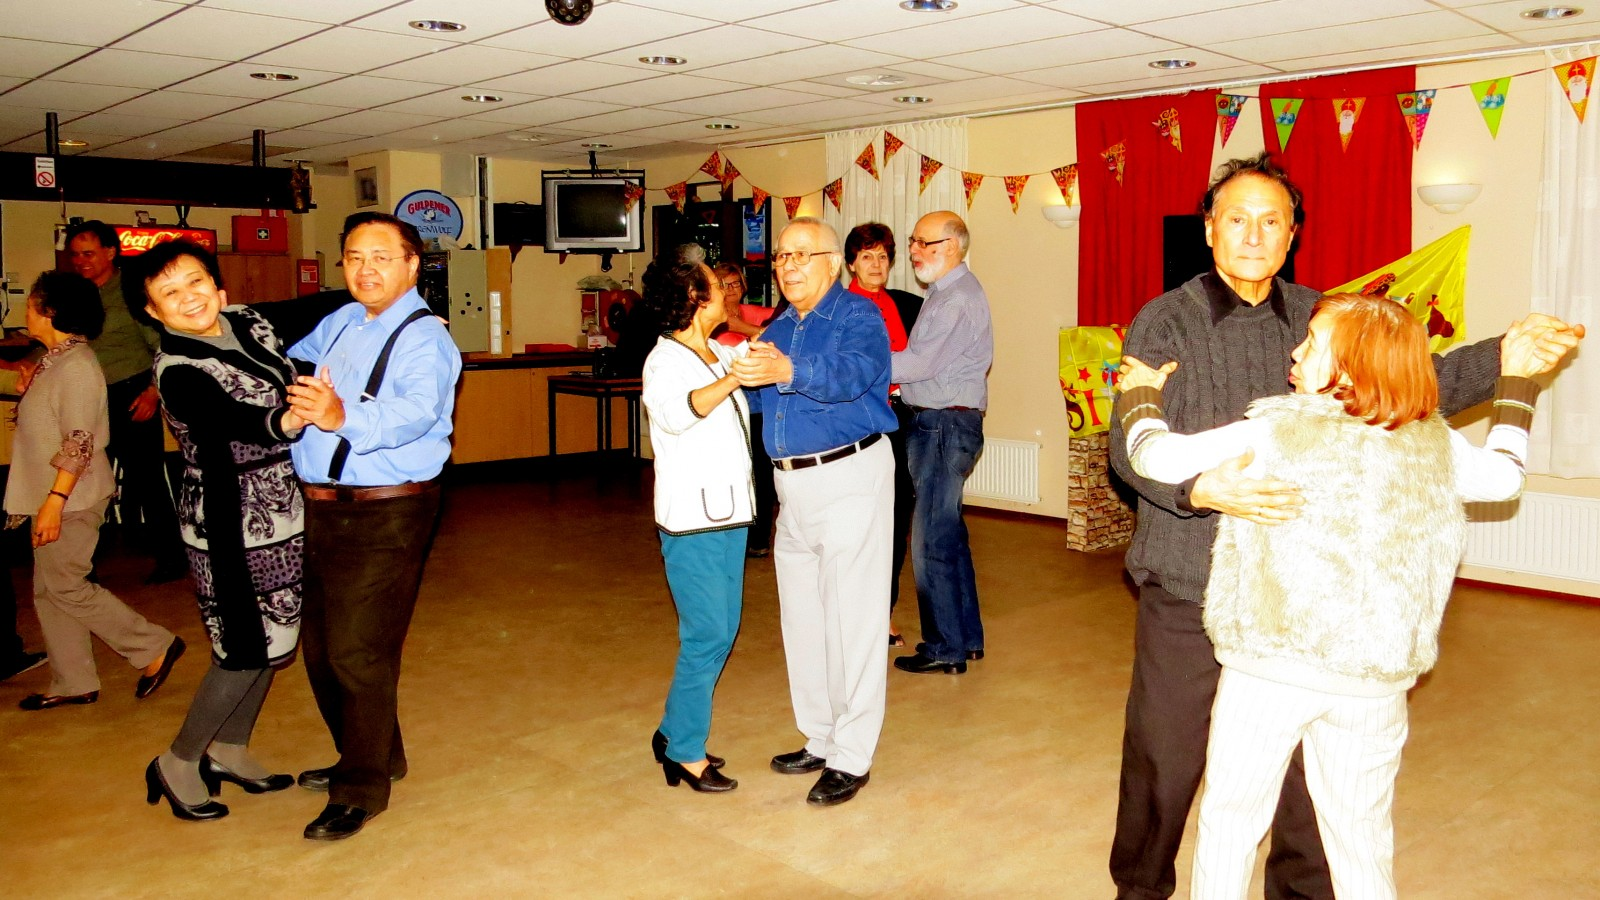 Ballroomdansen 2013d1129t2120 qzh ZoetermeerS Gaardedreef (Patio)